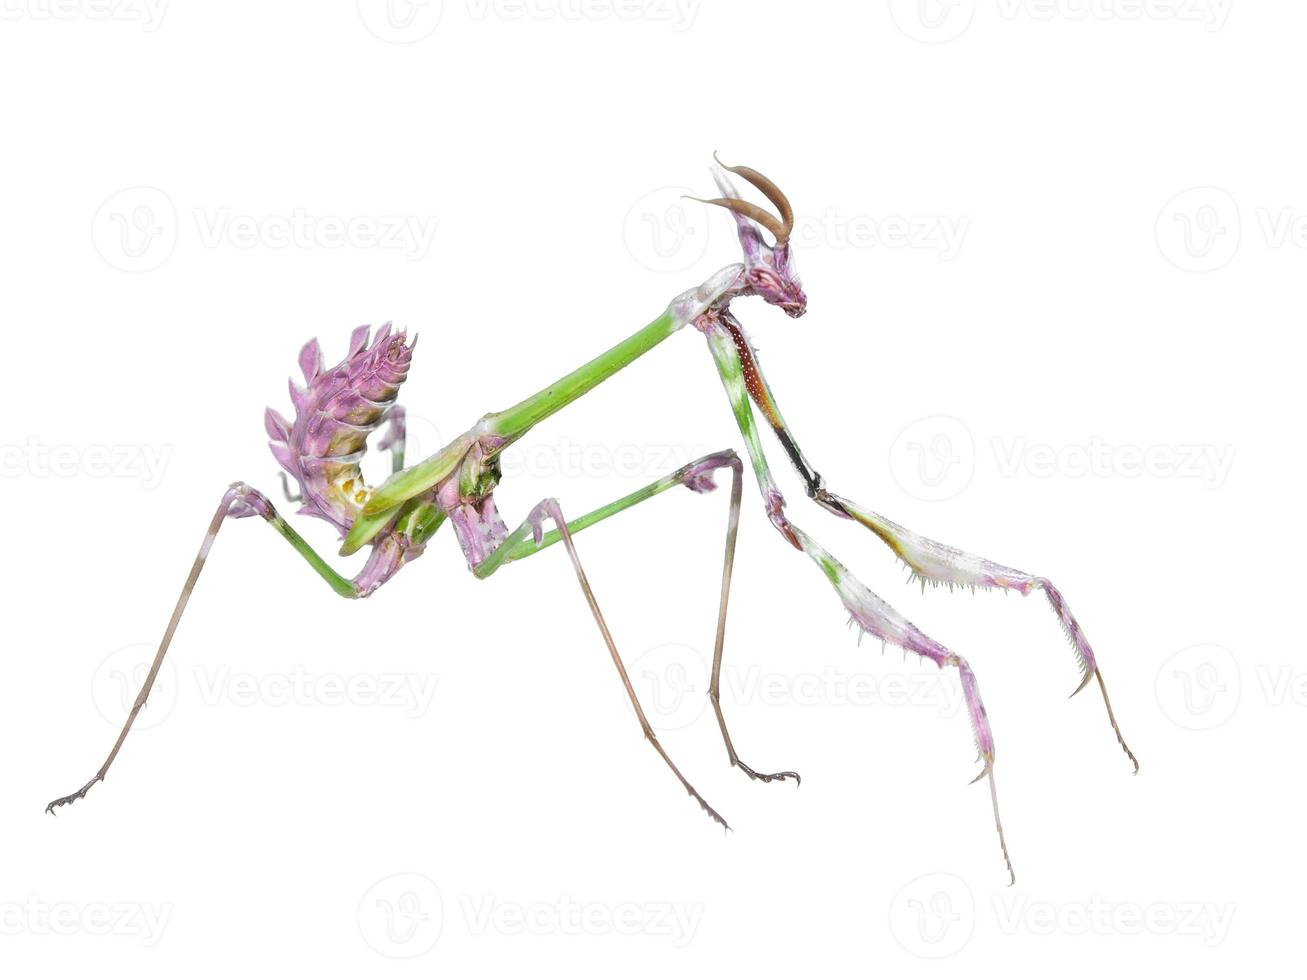 perigoso predador mantis inseto pega presas foto